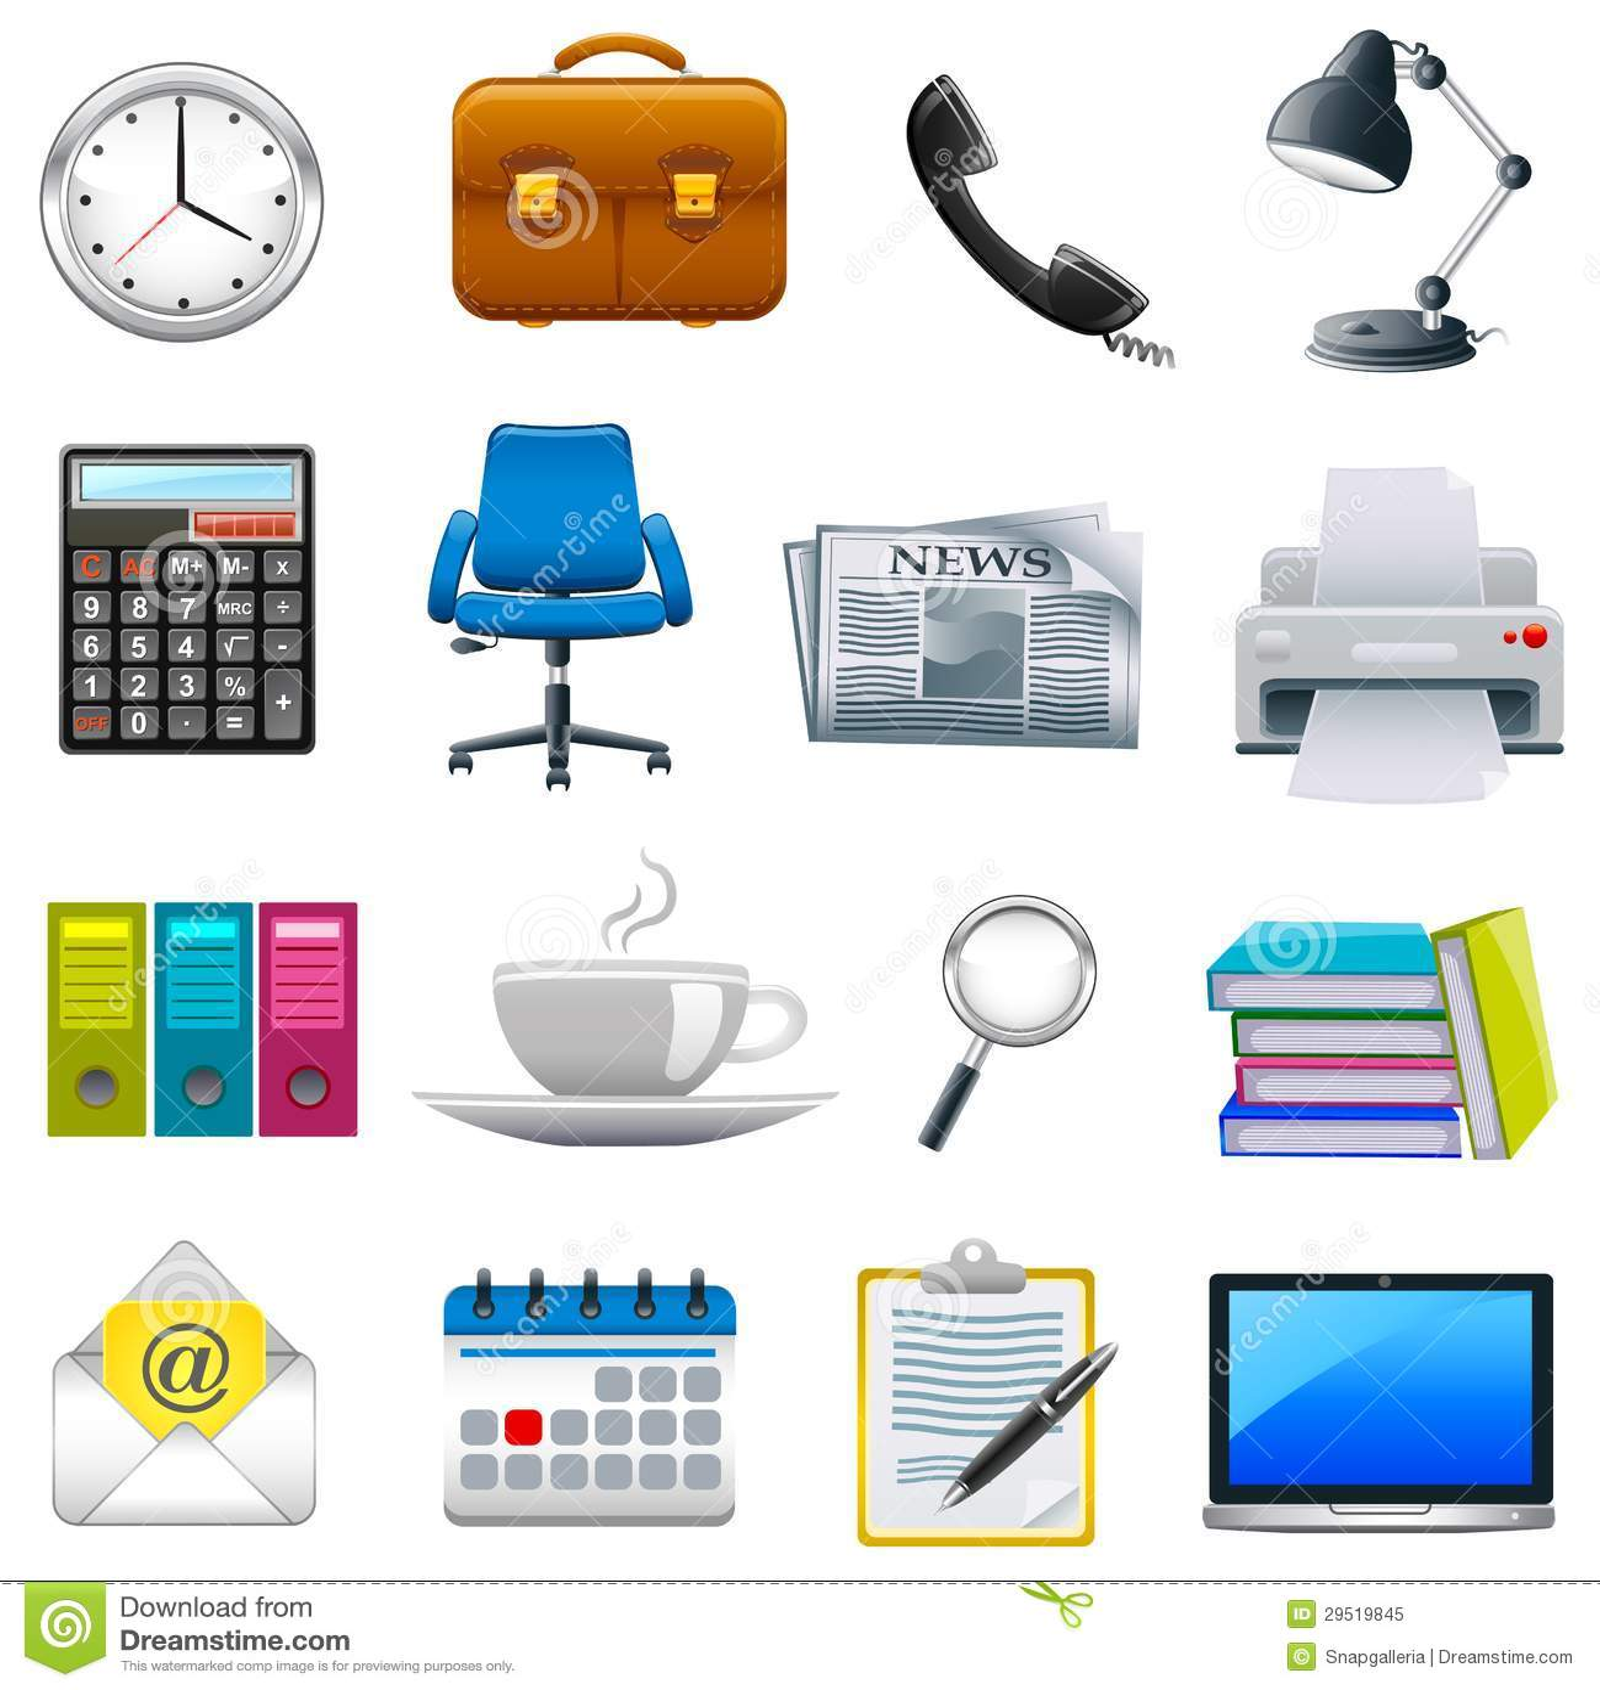 facile d editer l illustration de vecteur de l objet de bureau